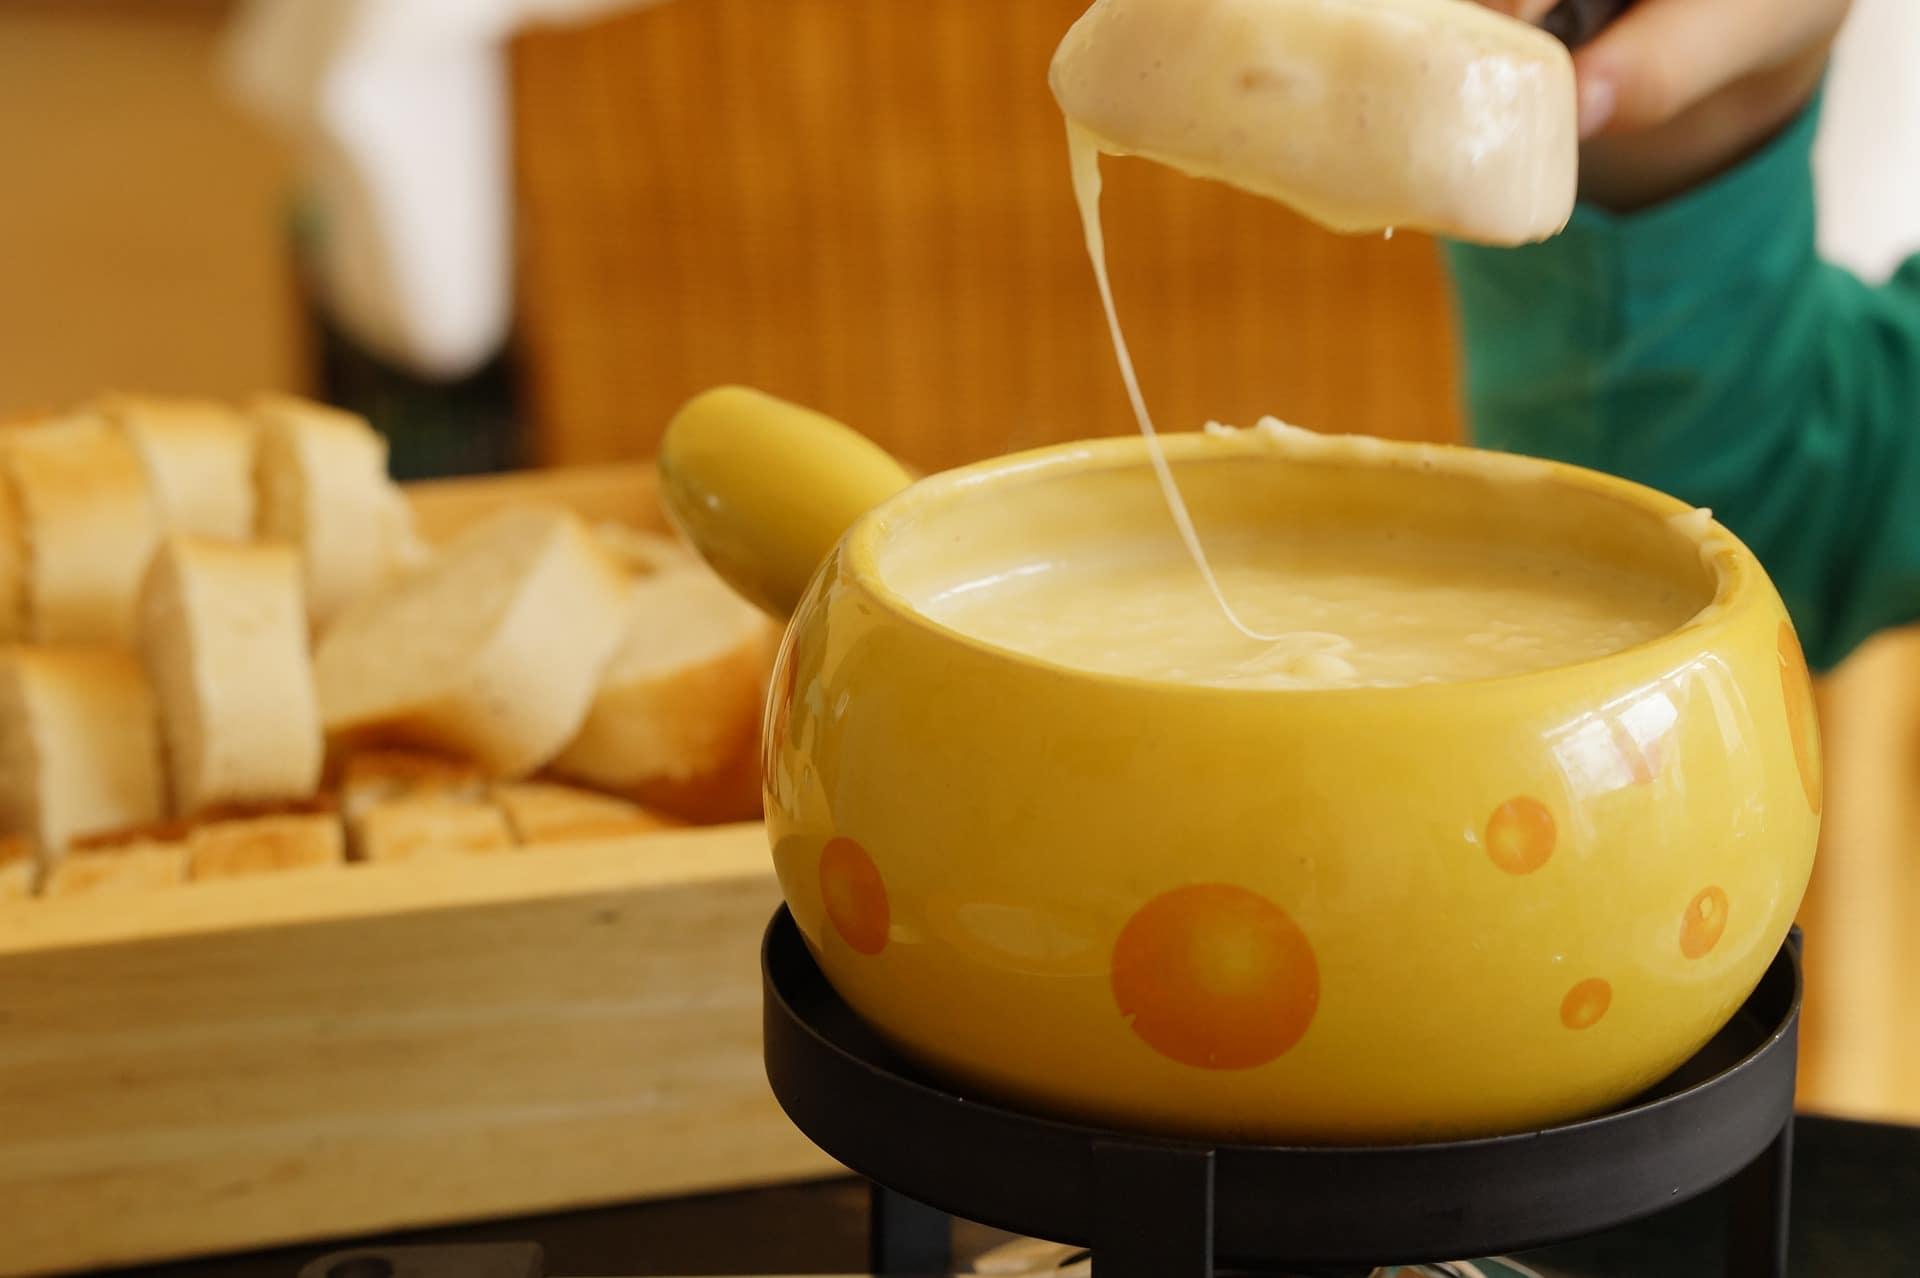 appareil a fondue